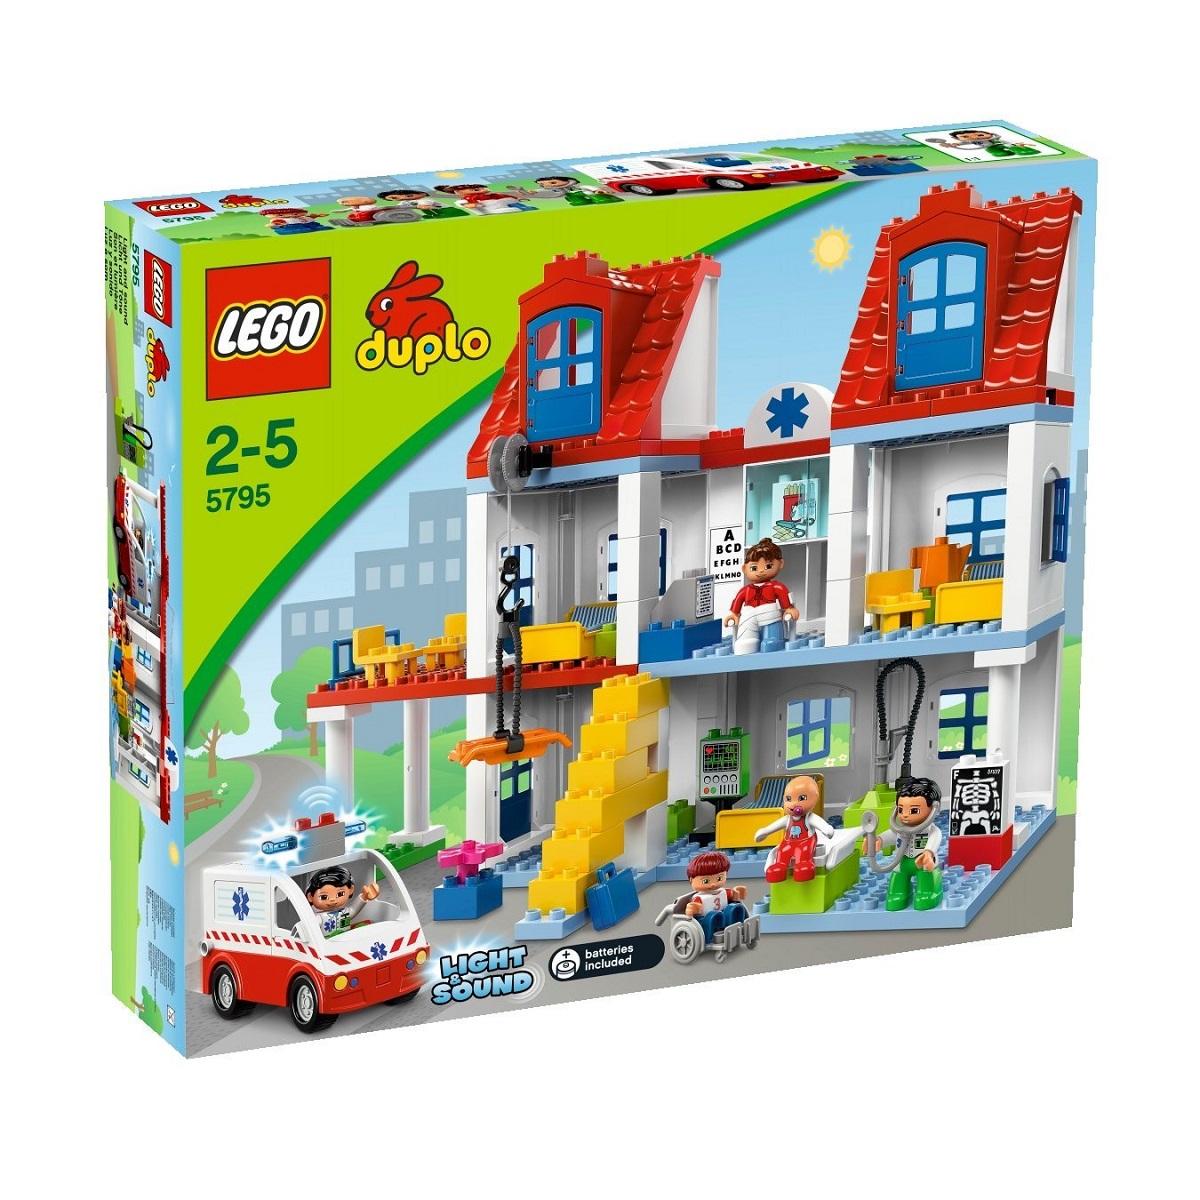 送料無料 新品●LEGO 5795 レゴ デュプロ 大きな病院●